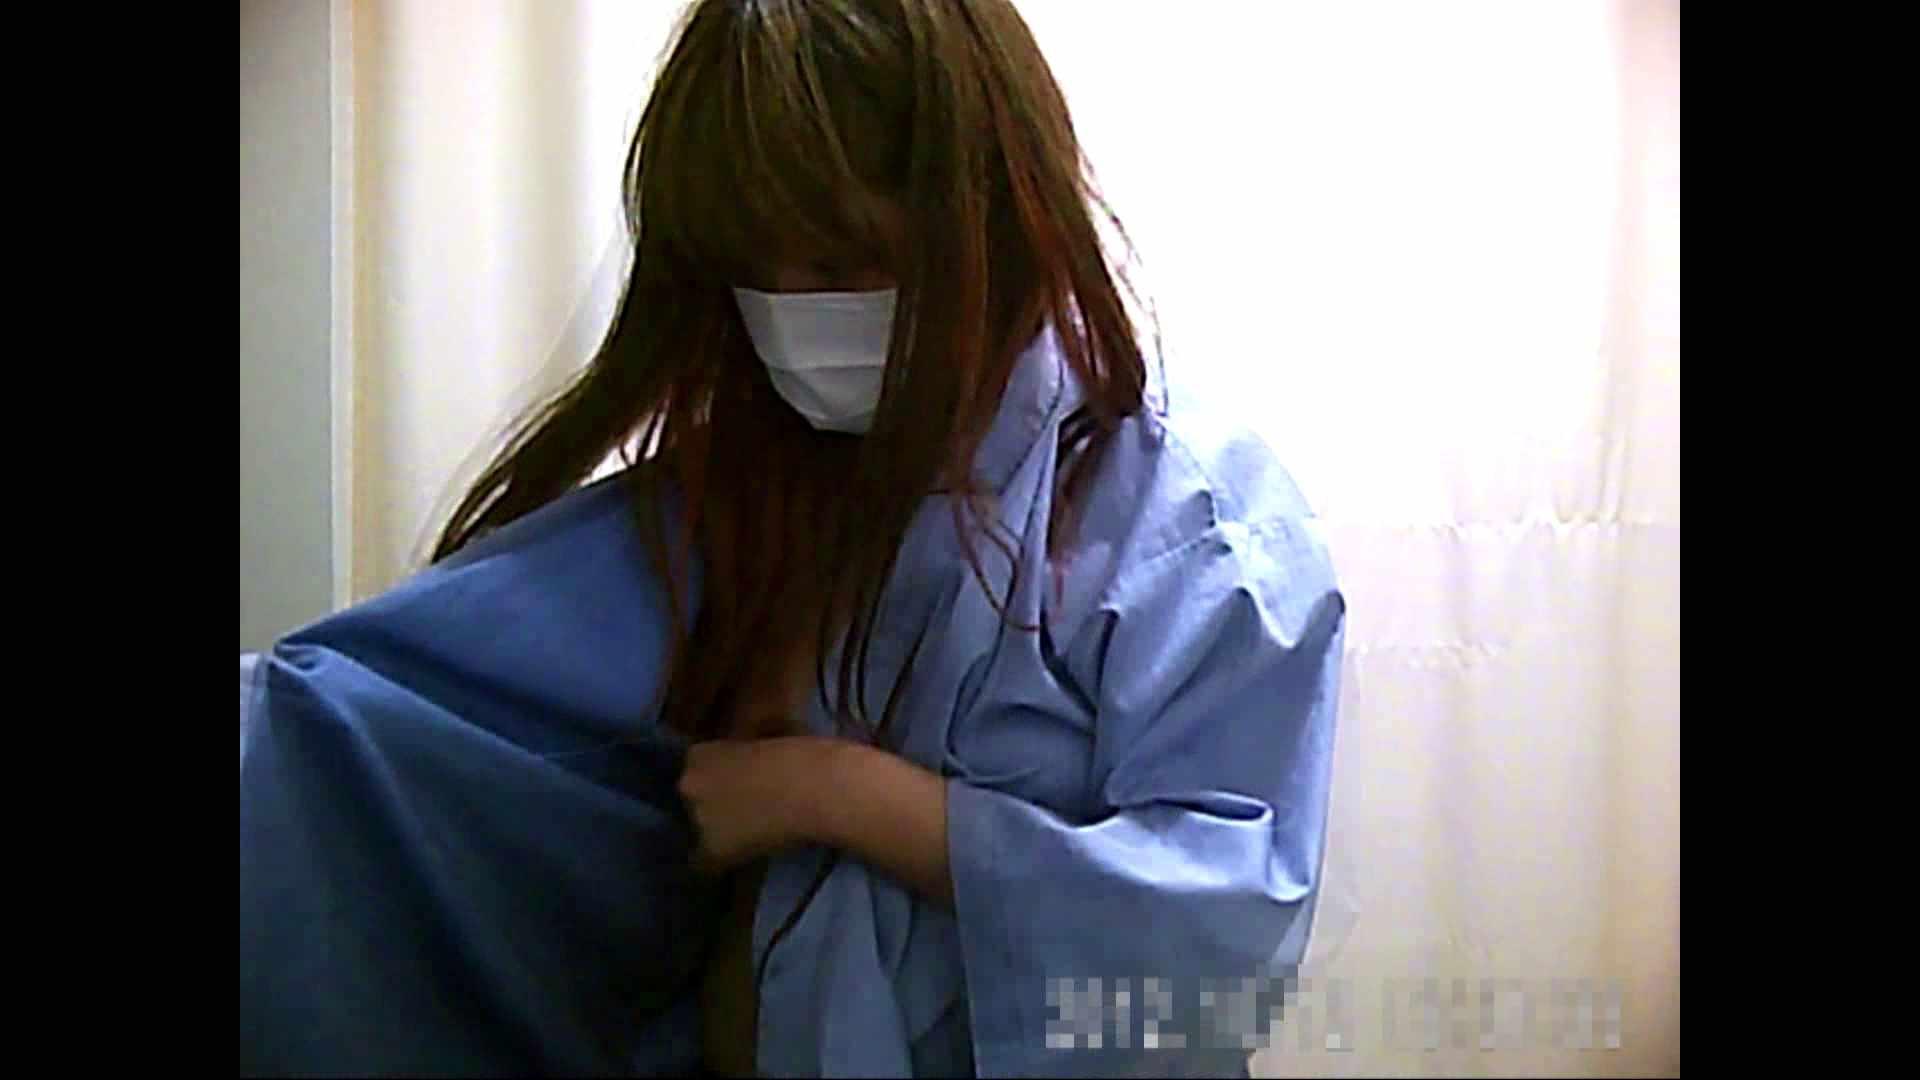 元医者による反抗 更衣室地獄絵巻 vol.061 OLハメ撮り  91Pix 89